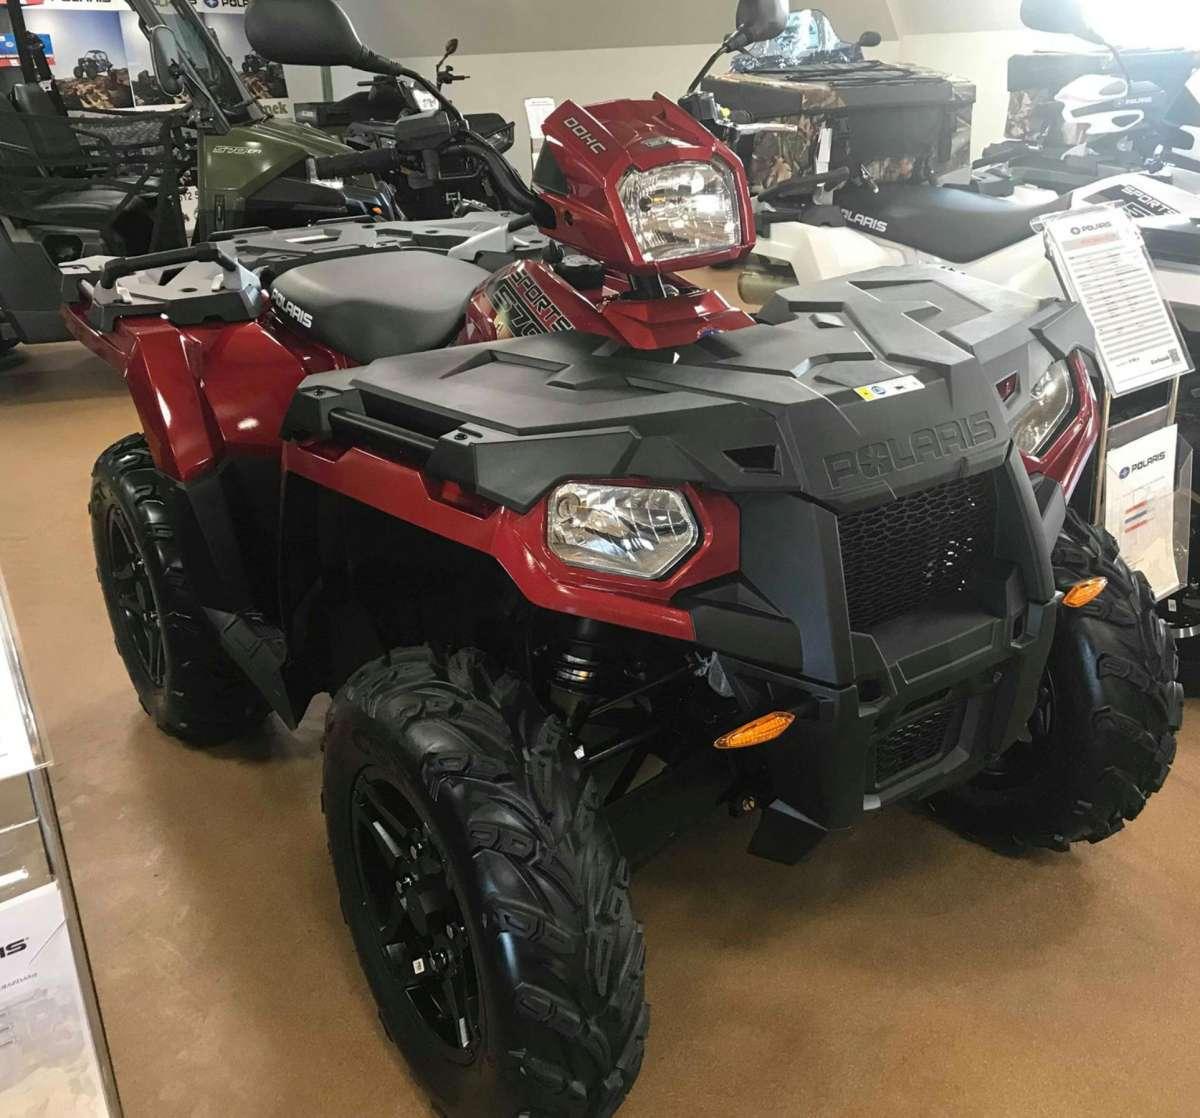 Sportsman 570 EPS Polaris Quad z homologacja T3 kolor czerwony alufelgi klasyczna kierownica motocyklowa  lusterka w na kierownicy